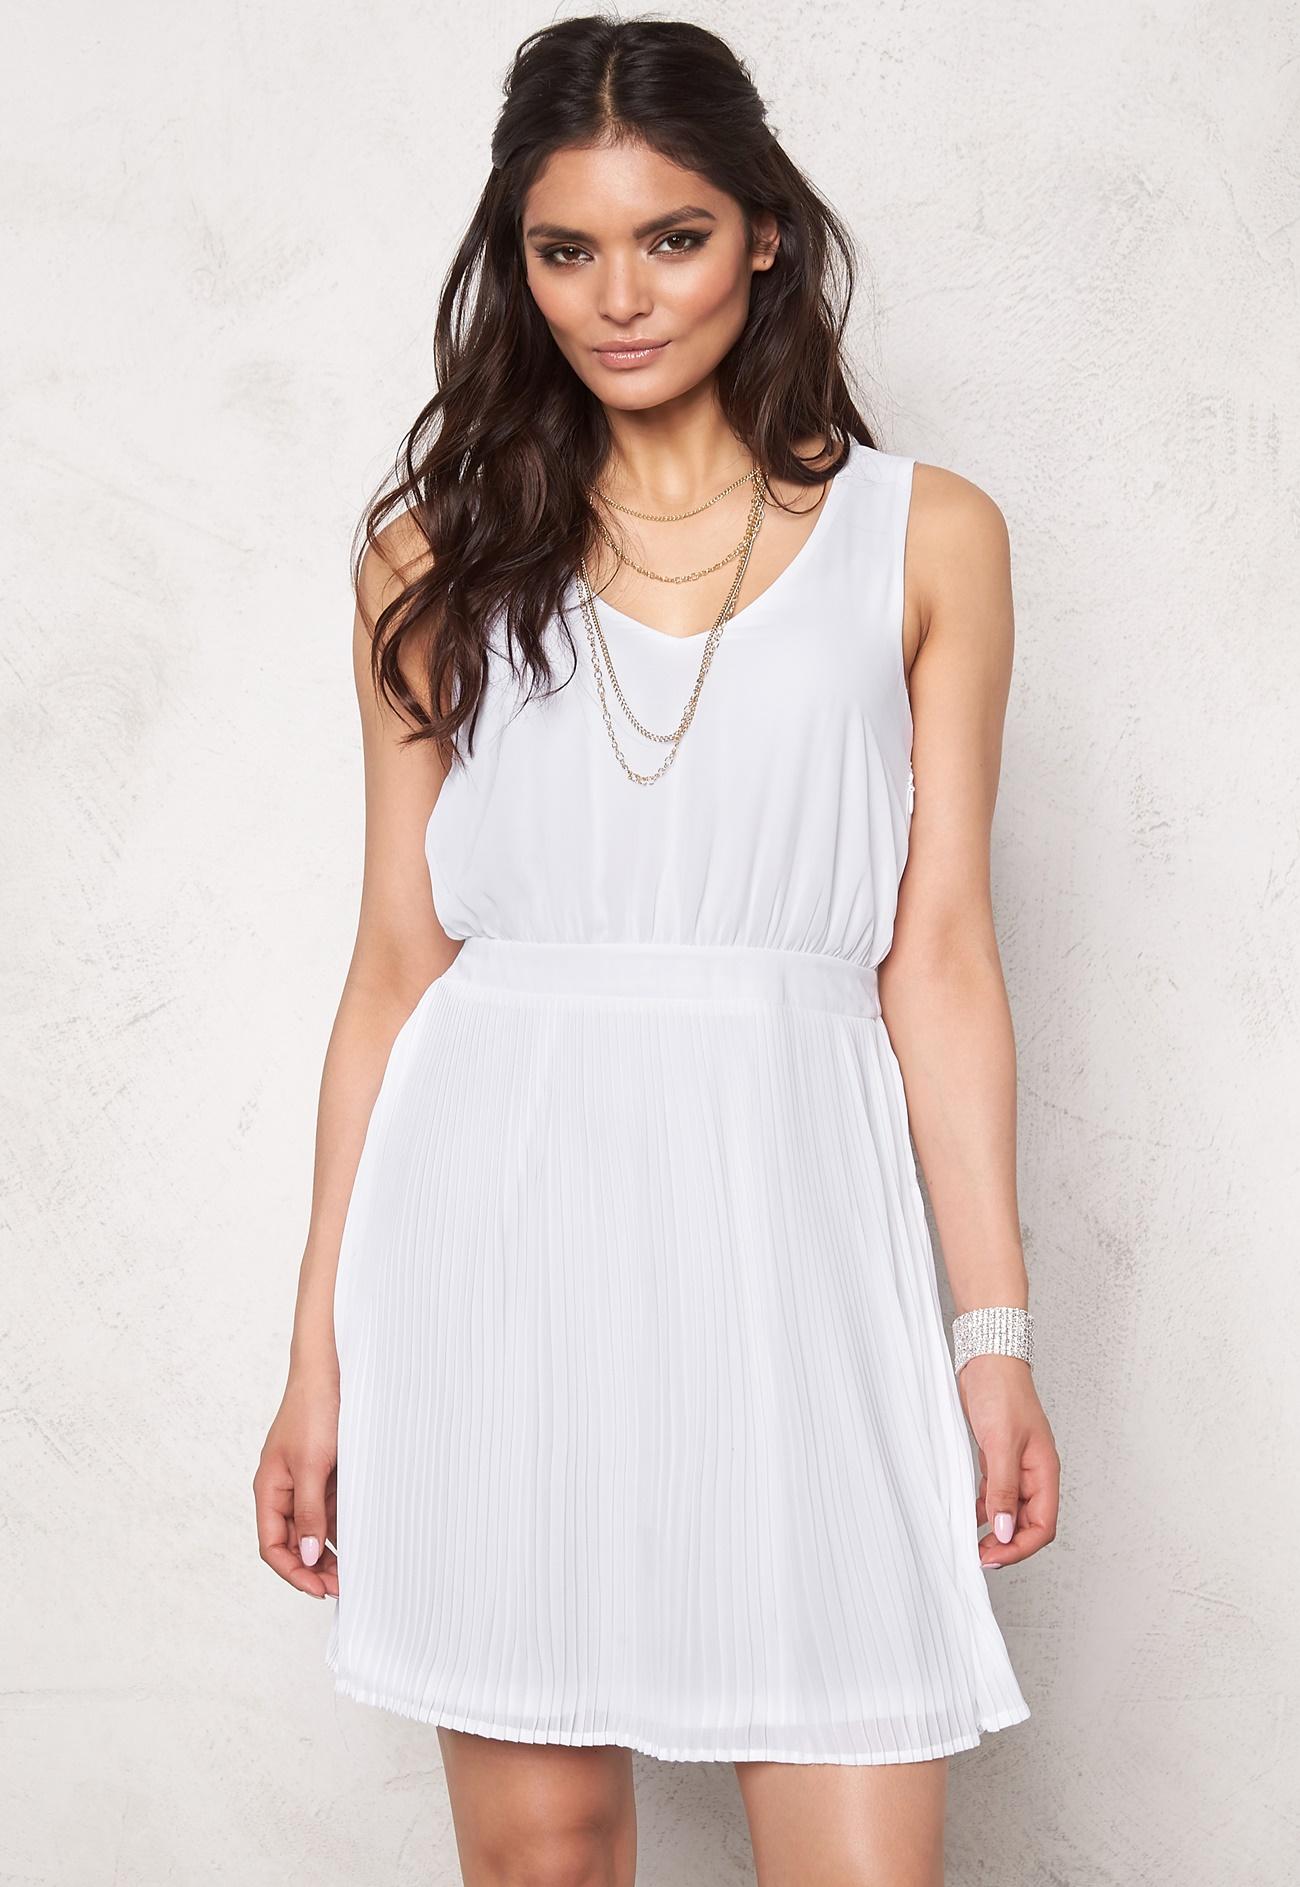 vero moda grape mini dress bright white bubbleroom. Black Bedroom Furniture Sets. Home Design Ideas